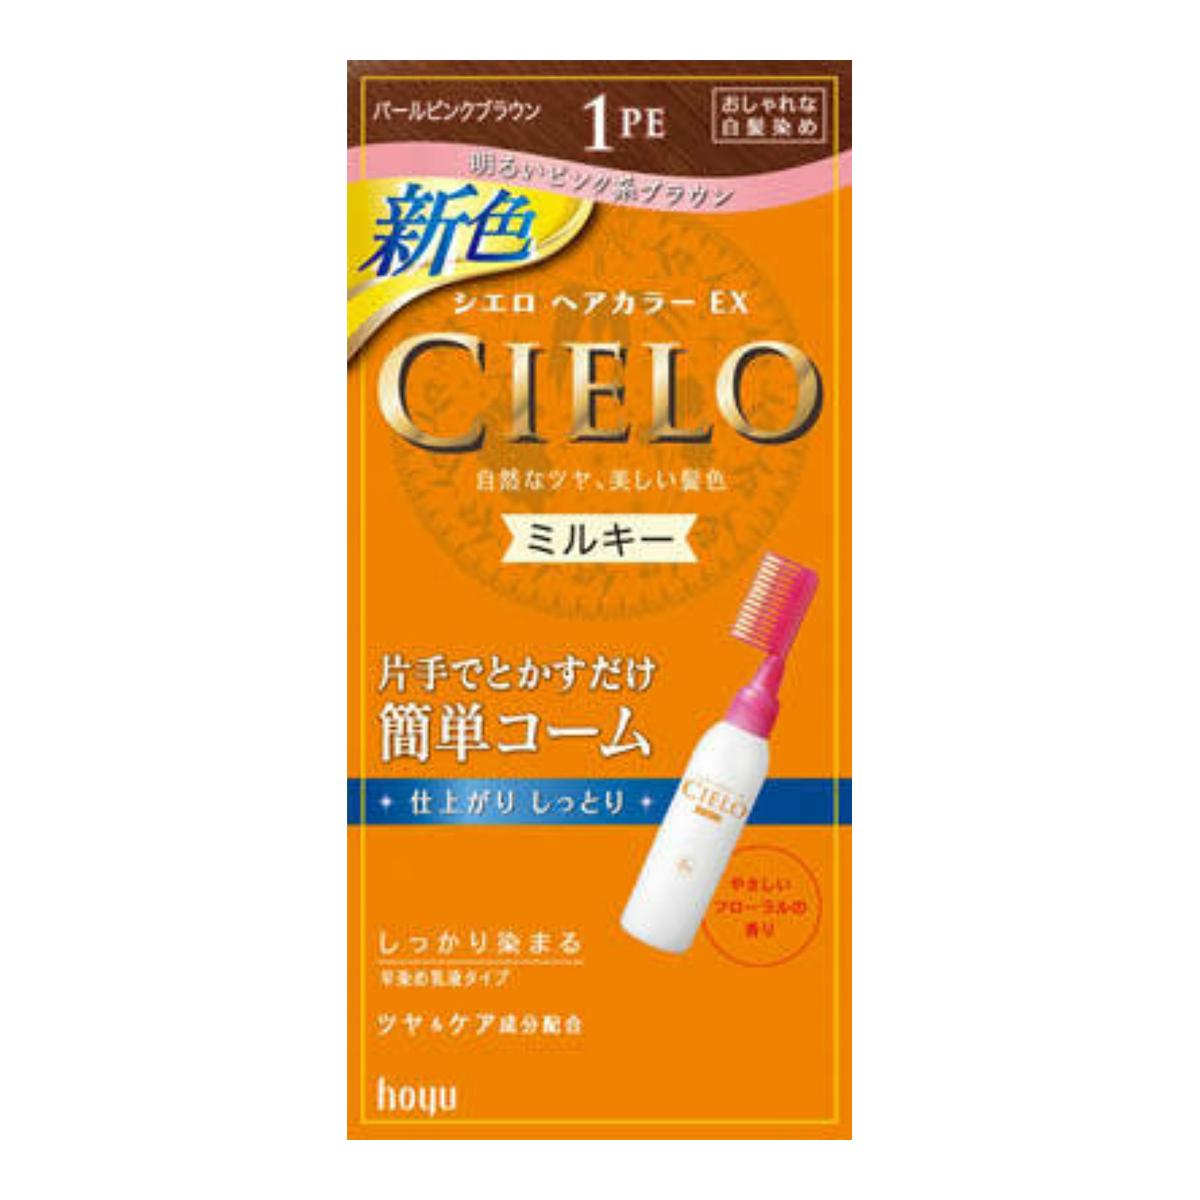 【送料無料】シエロ ヘアカラーEX ミルキー 1PE ( パールピンクブラウン ) やさしいフローラルの香り。1箱でセミロングヘア ( 肩につく程度 ) 1回分。医薬部外品 ×27点セット まとめ買い特価!ケース販売 ( 4987205284946 )